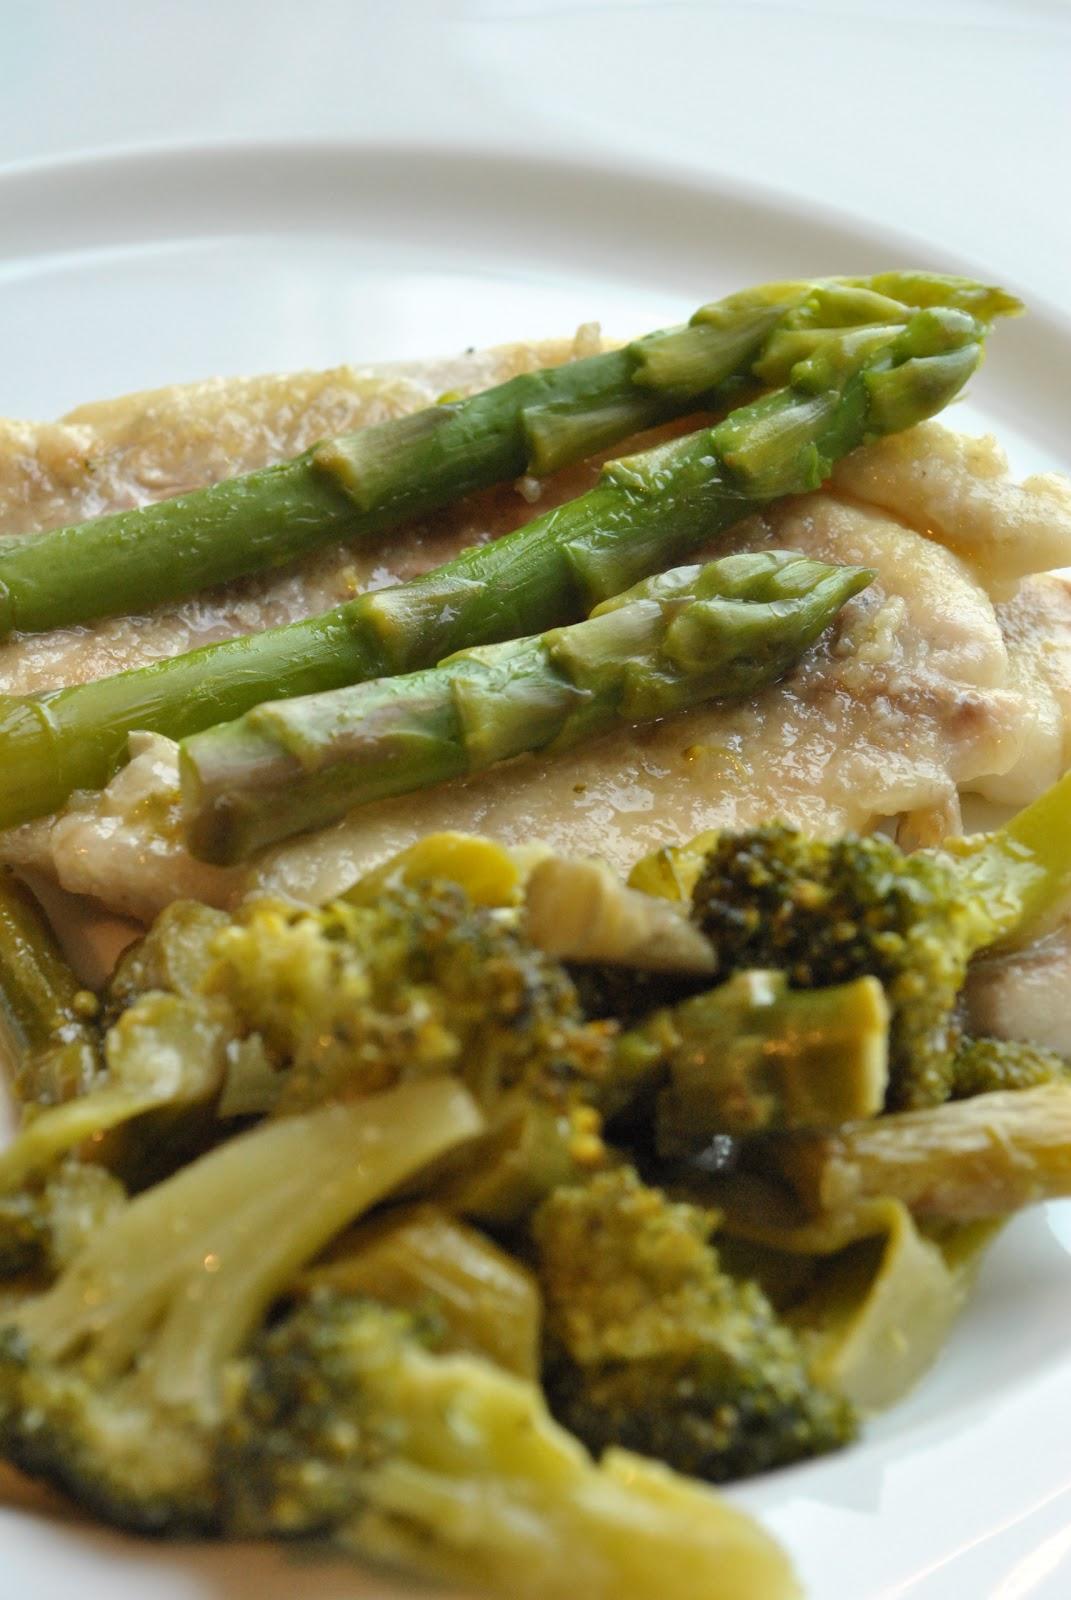 Ricetta Orata Asparagi.Cookdream Filetto Di Orata Con Broccoli E Asparagi